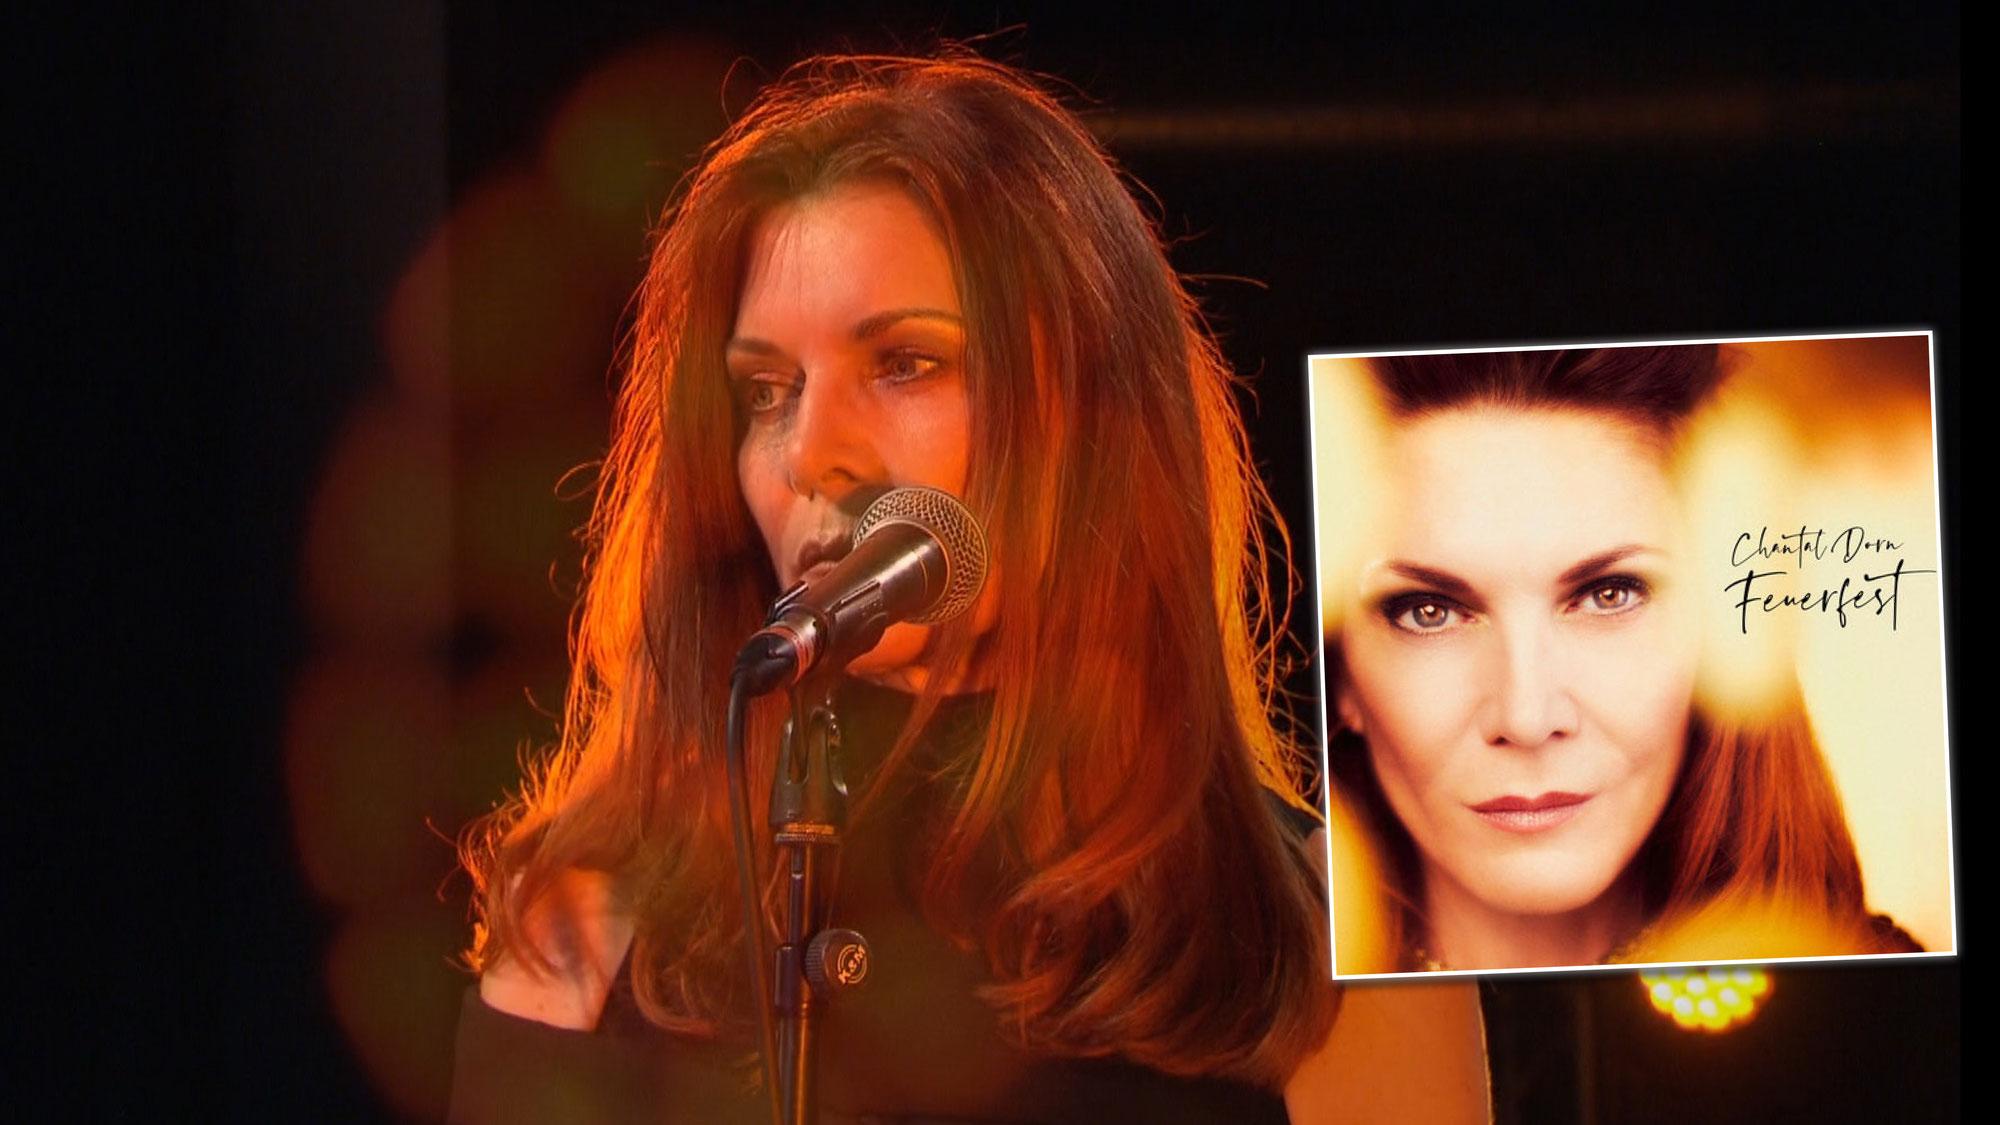 Konzertstream von Chantal Dorn am Freitag, 16.04. auf popmagazin.at